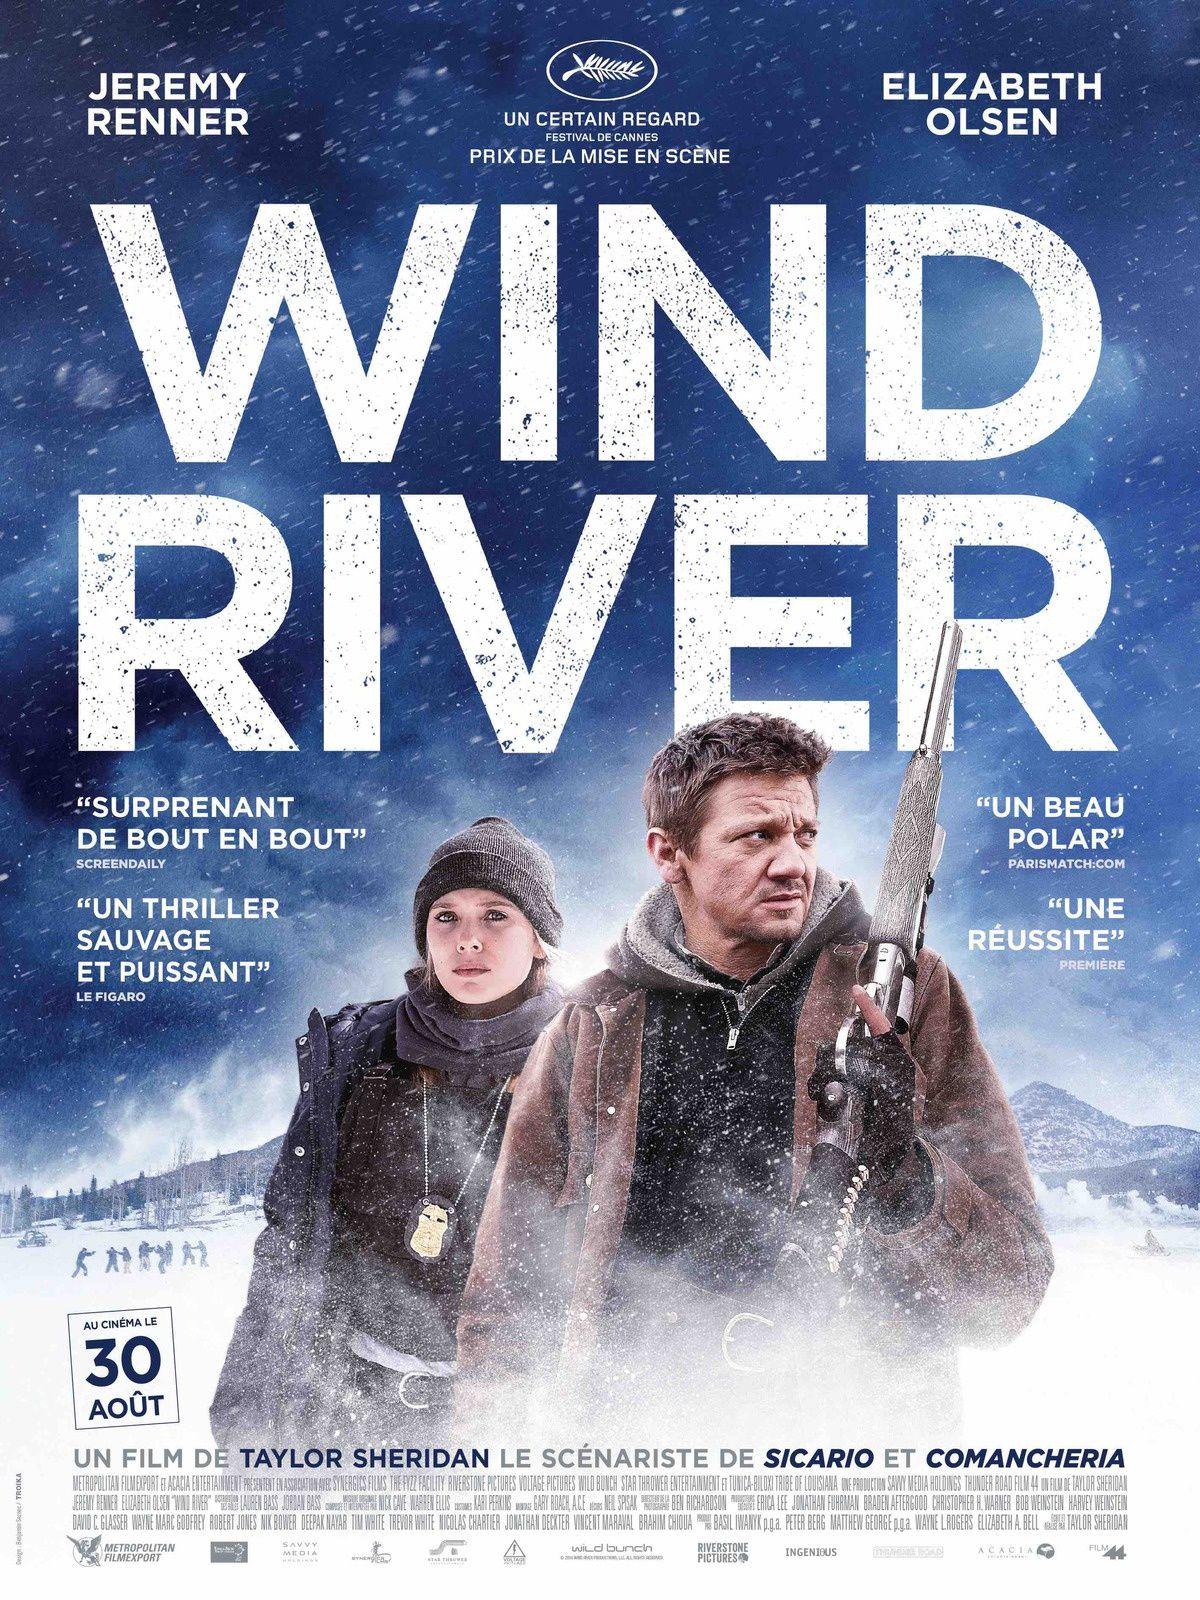 Wind River de Taylor Sheridan avec Jeremy Renner et Elizabeth Olsen. [Bande-Annonce] Le 30 août 2017 au cinéma.